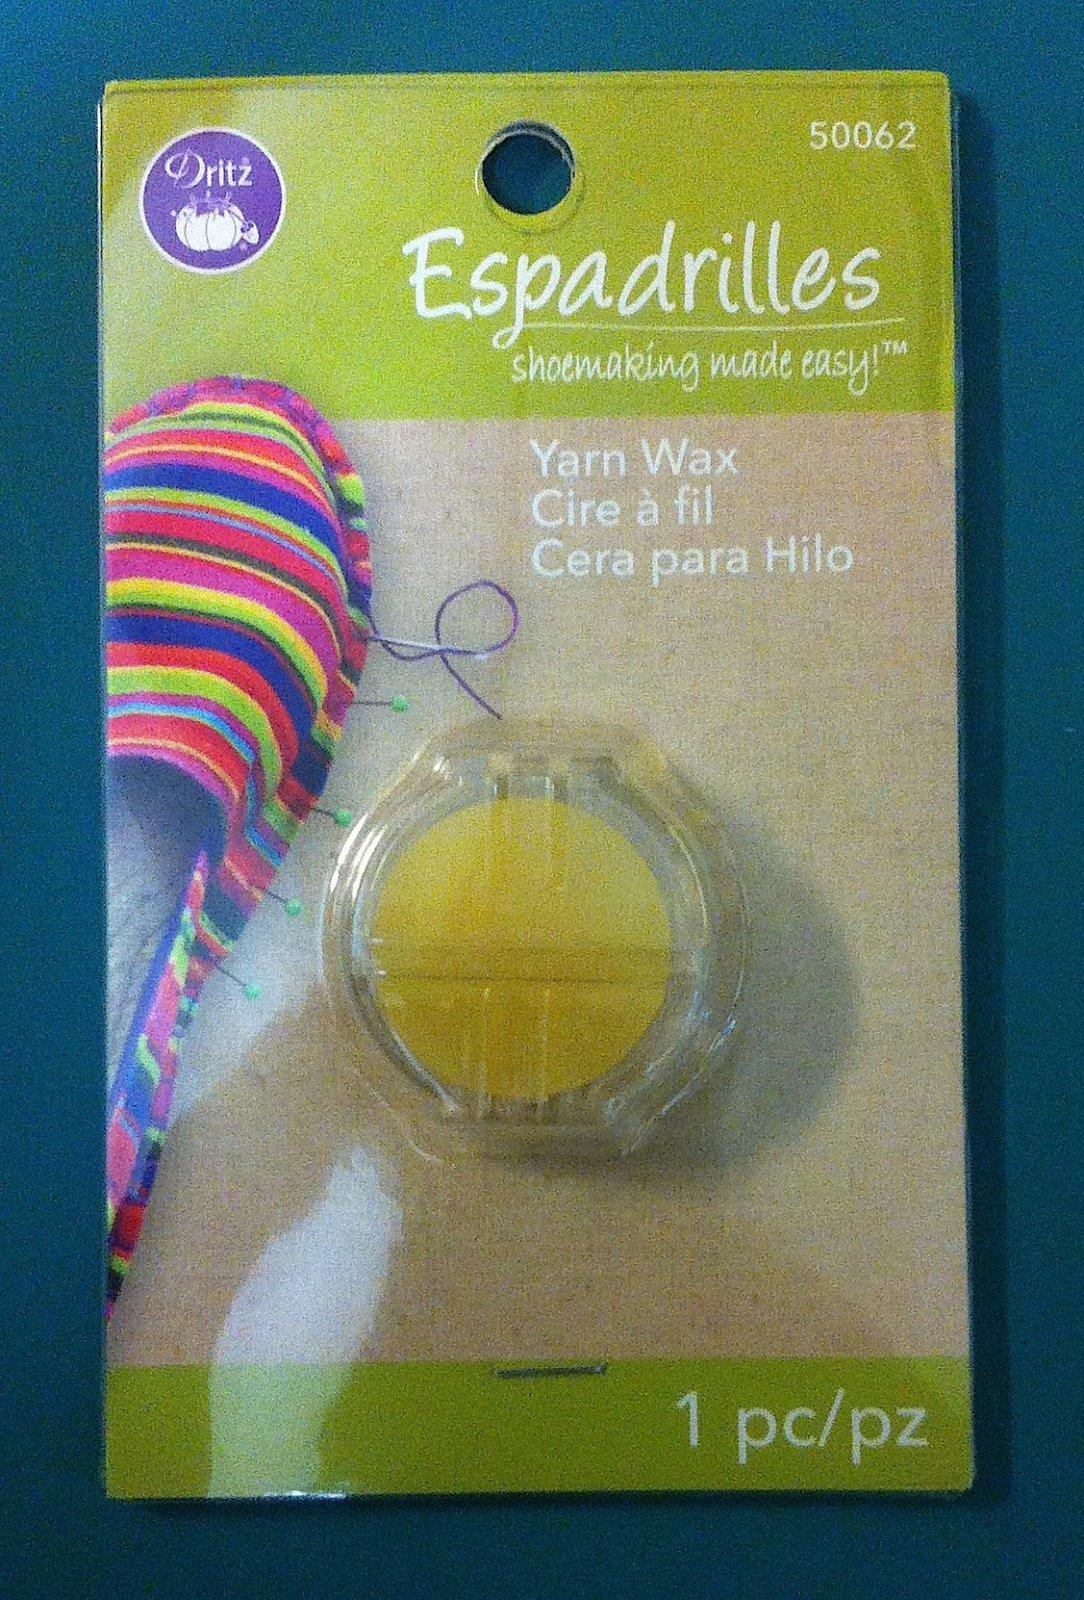 Espadrilles Yarn Wax